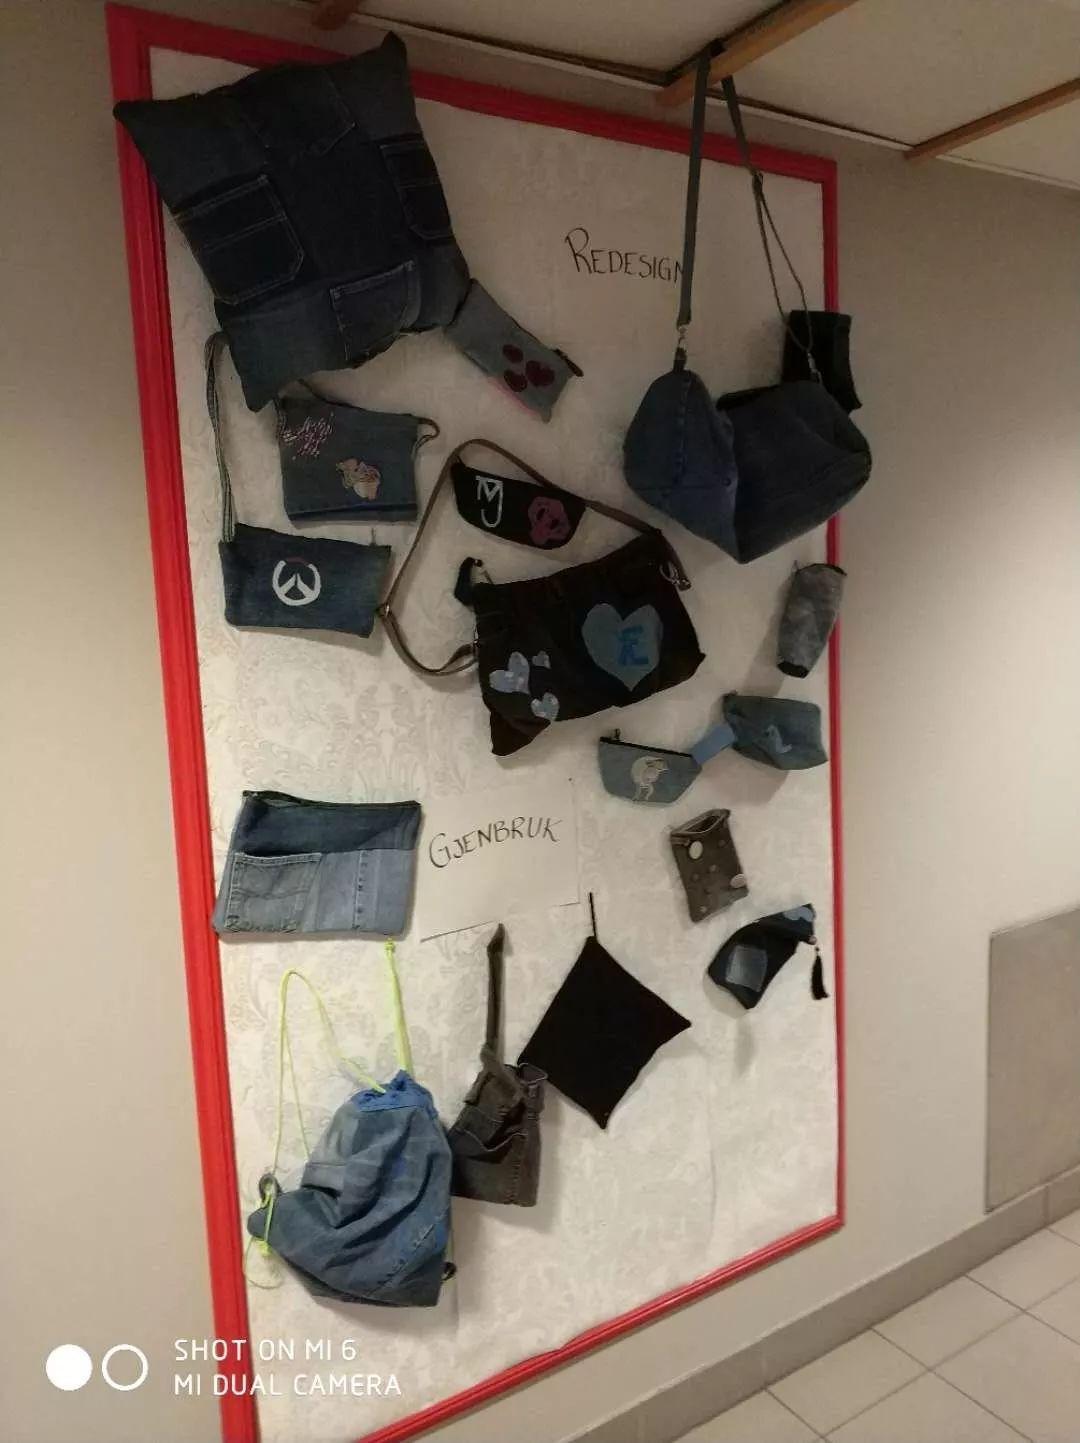 手工制作的冰激凌艺术作品的地方已经换成了由学生设计制作的牛仔包